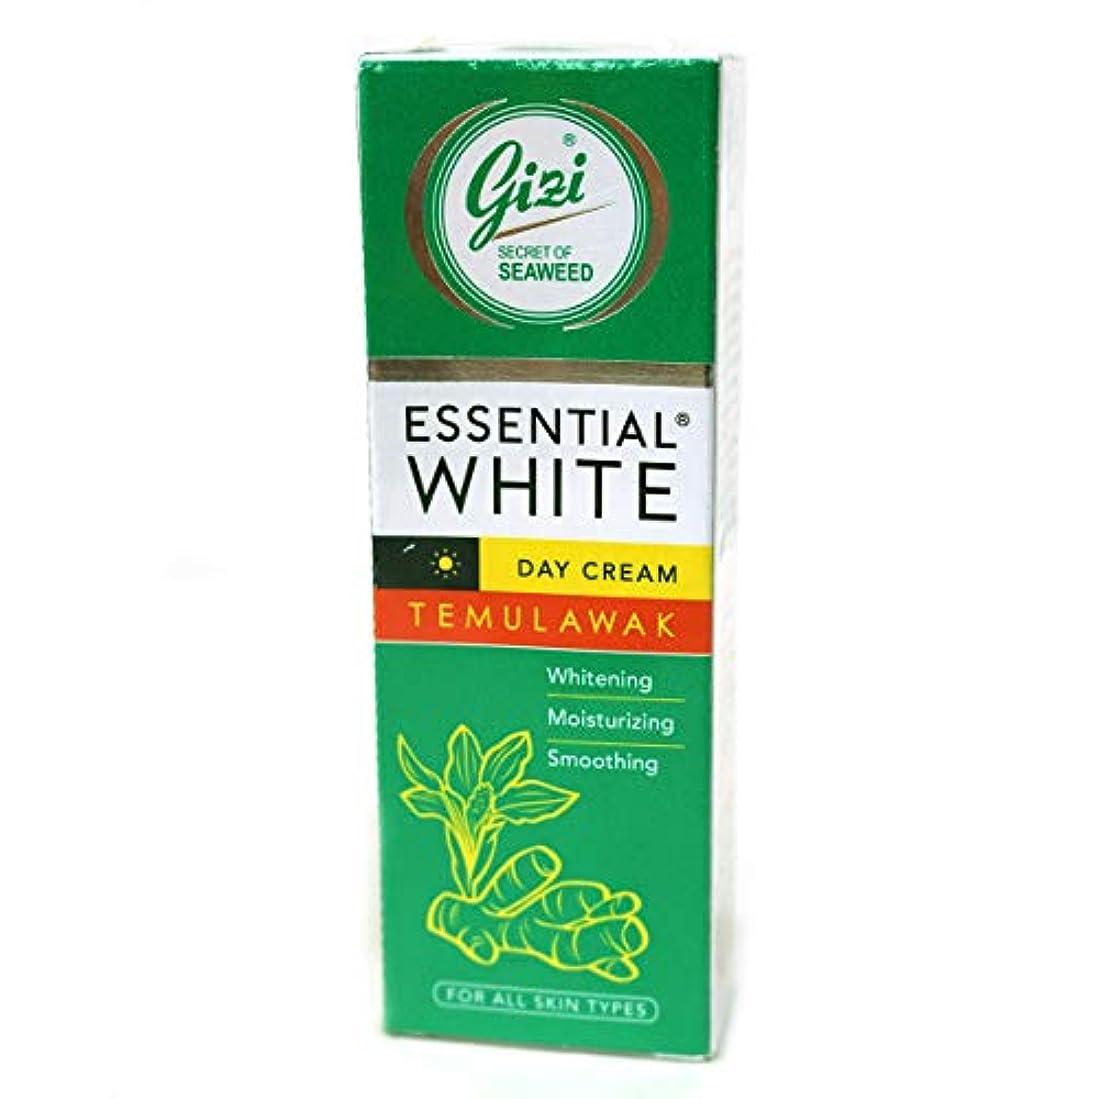 ギジ gizi Essential White 日中用スキンケアクリーム チューブタイプ 18g テムラワク ウコン など天然成分配合 [海外直送品]